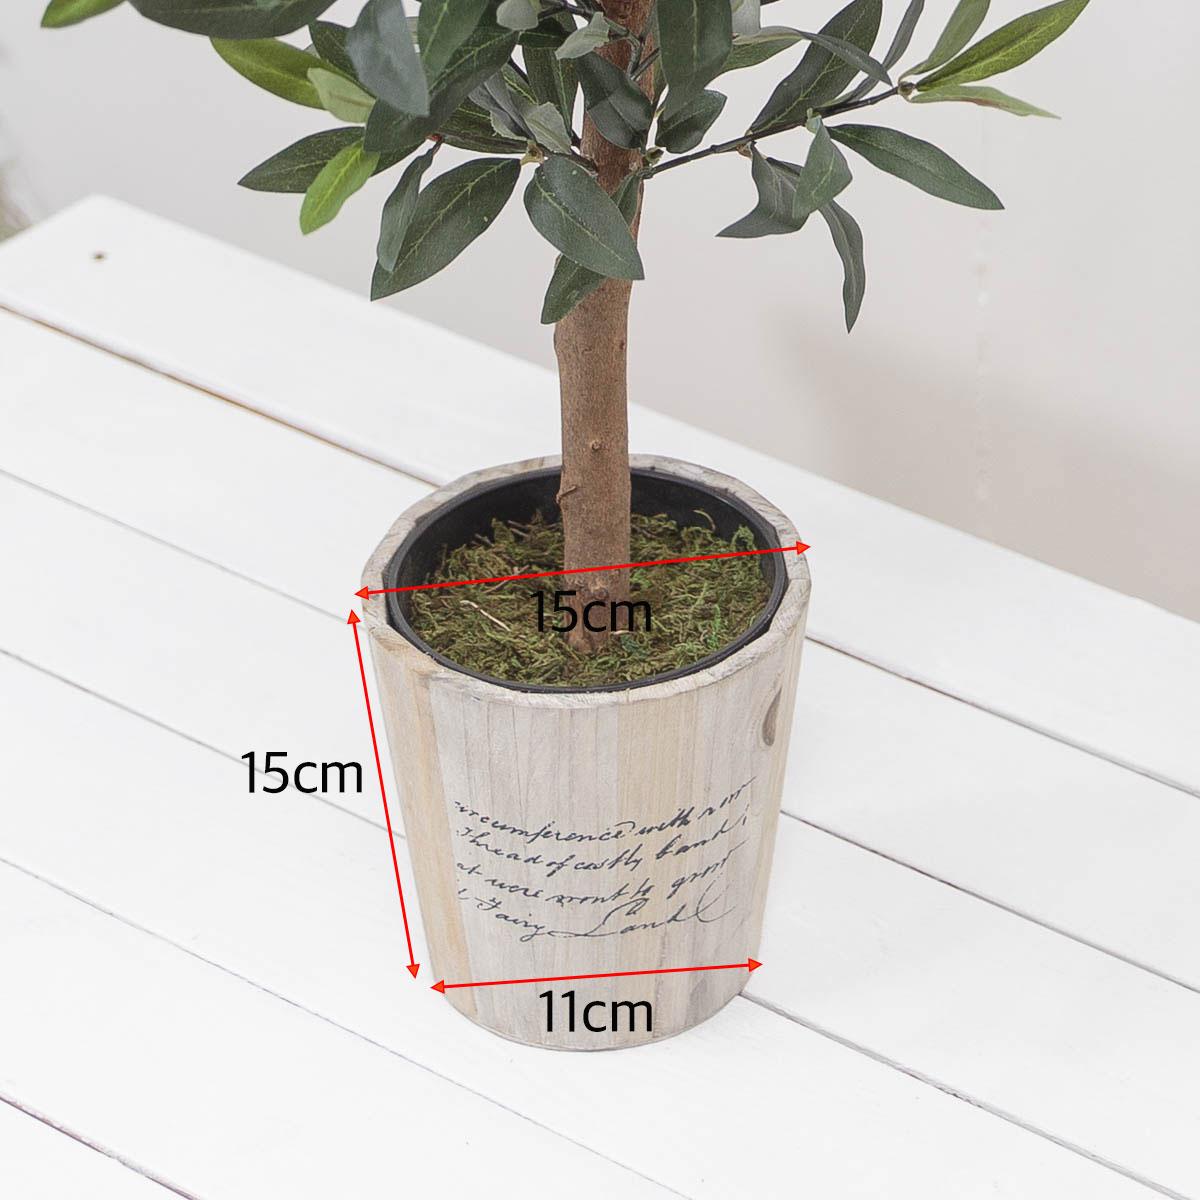 올리브조화 인테리어인조나무 85cm 식물조화 인조화분 원형화분 사이즈